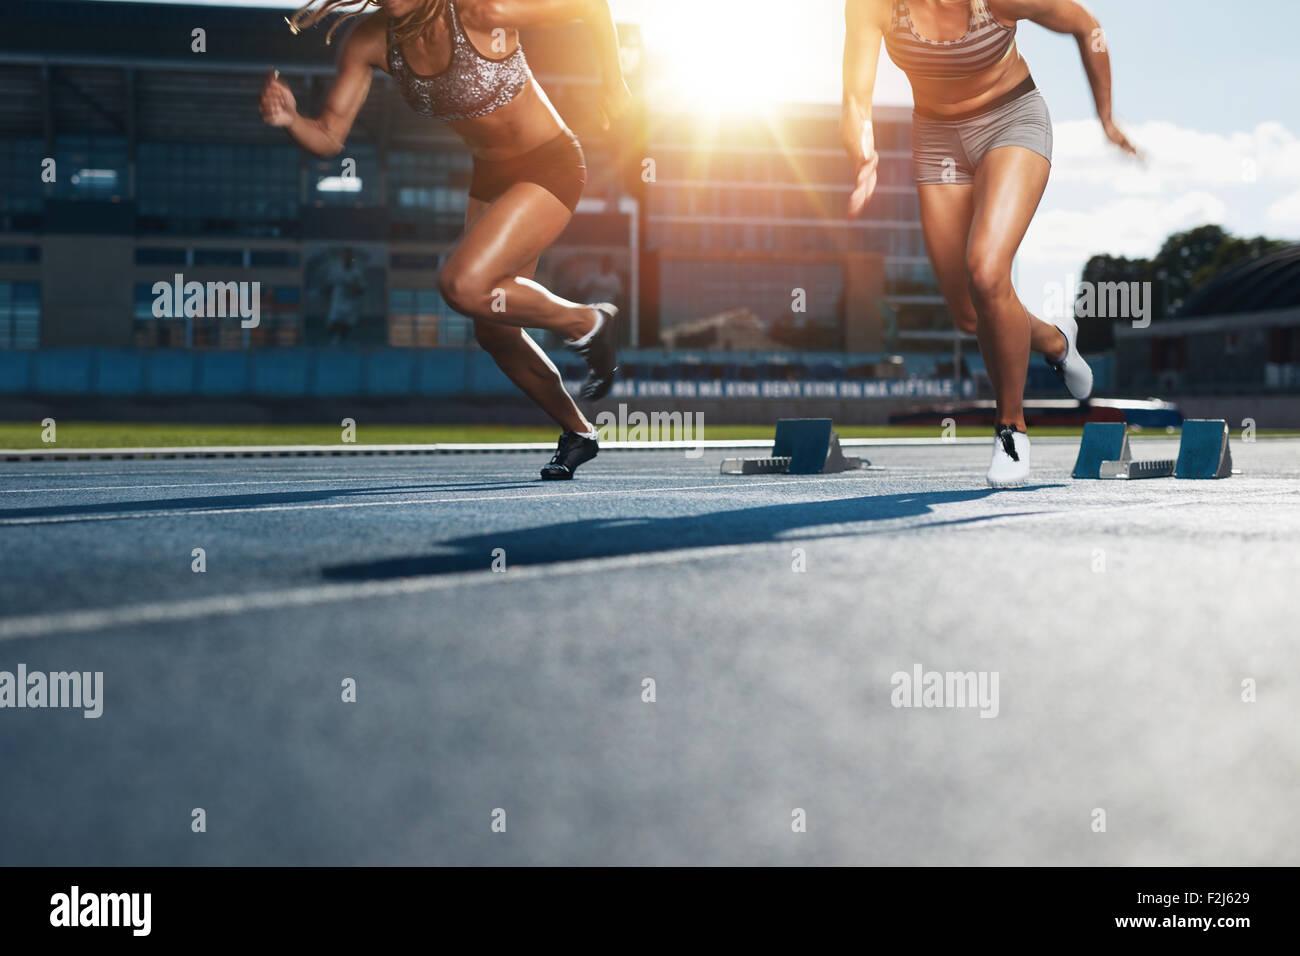 Sprinter beginnt aus den Blöcken auf Leichtathletik-Rennstrecke mit hellem Sonnenlicht. Niedrige Abschnitt Stockbild